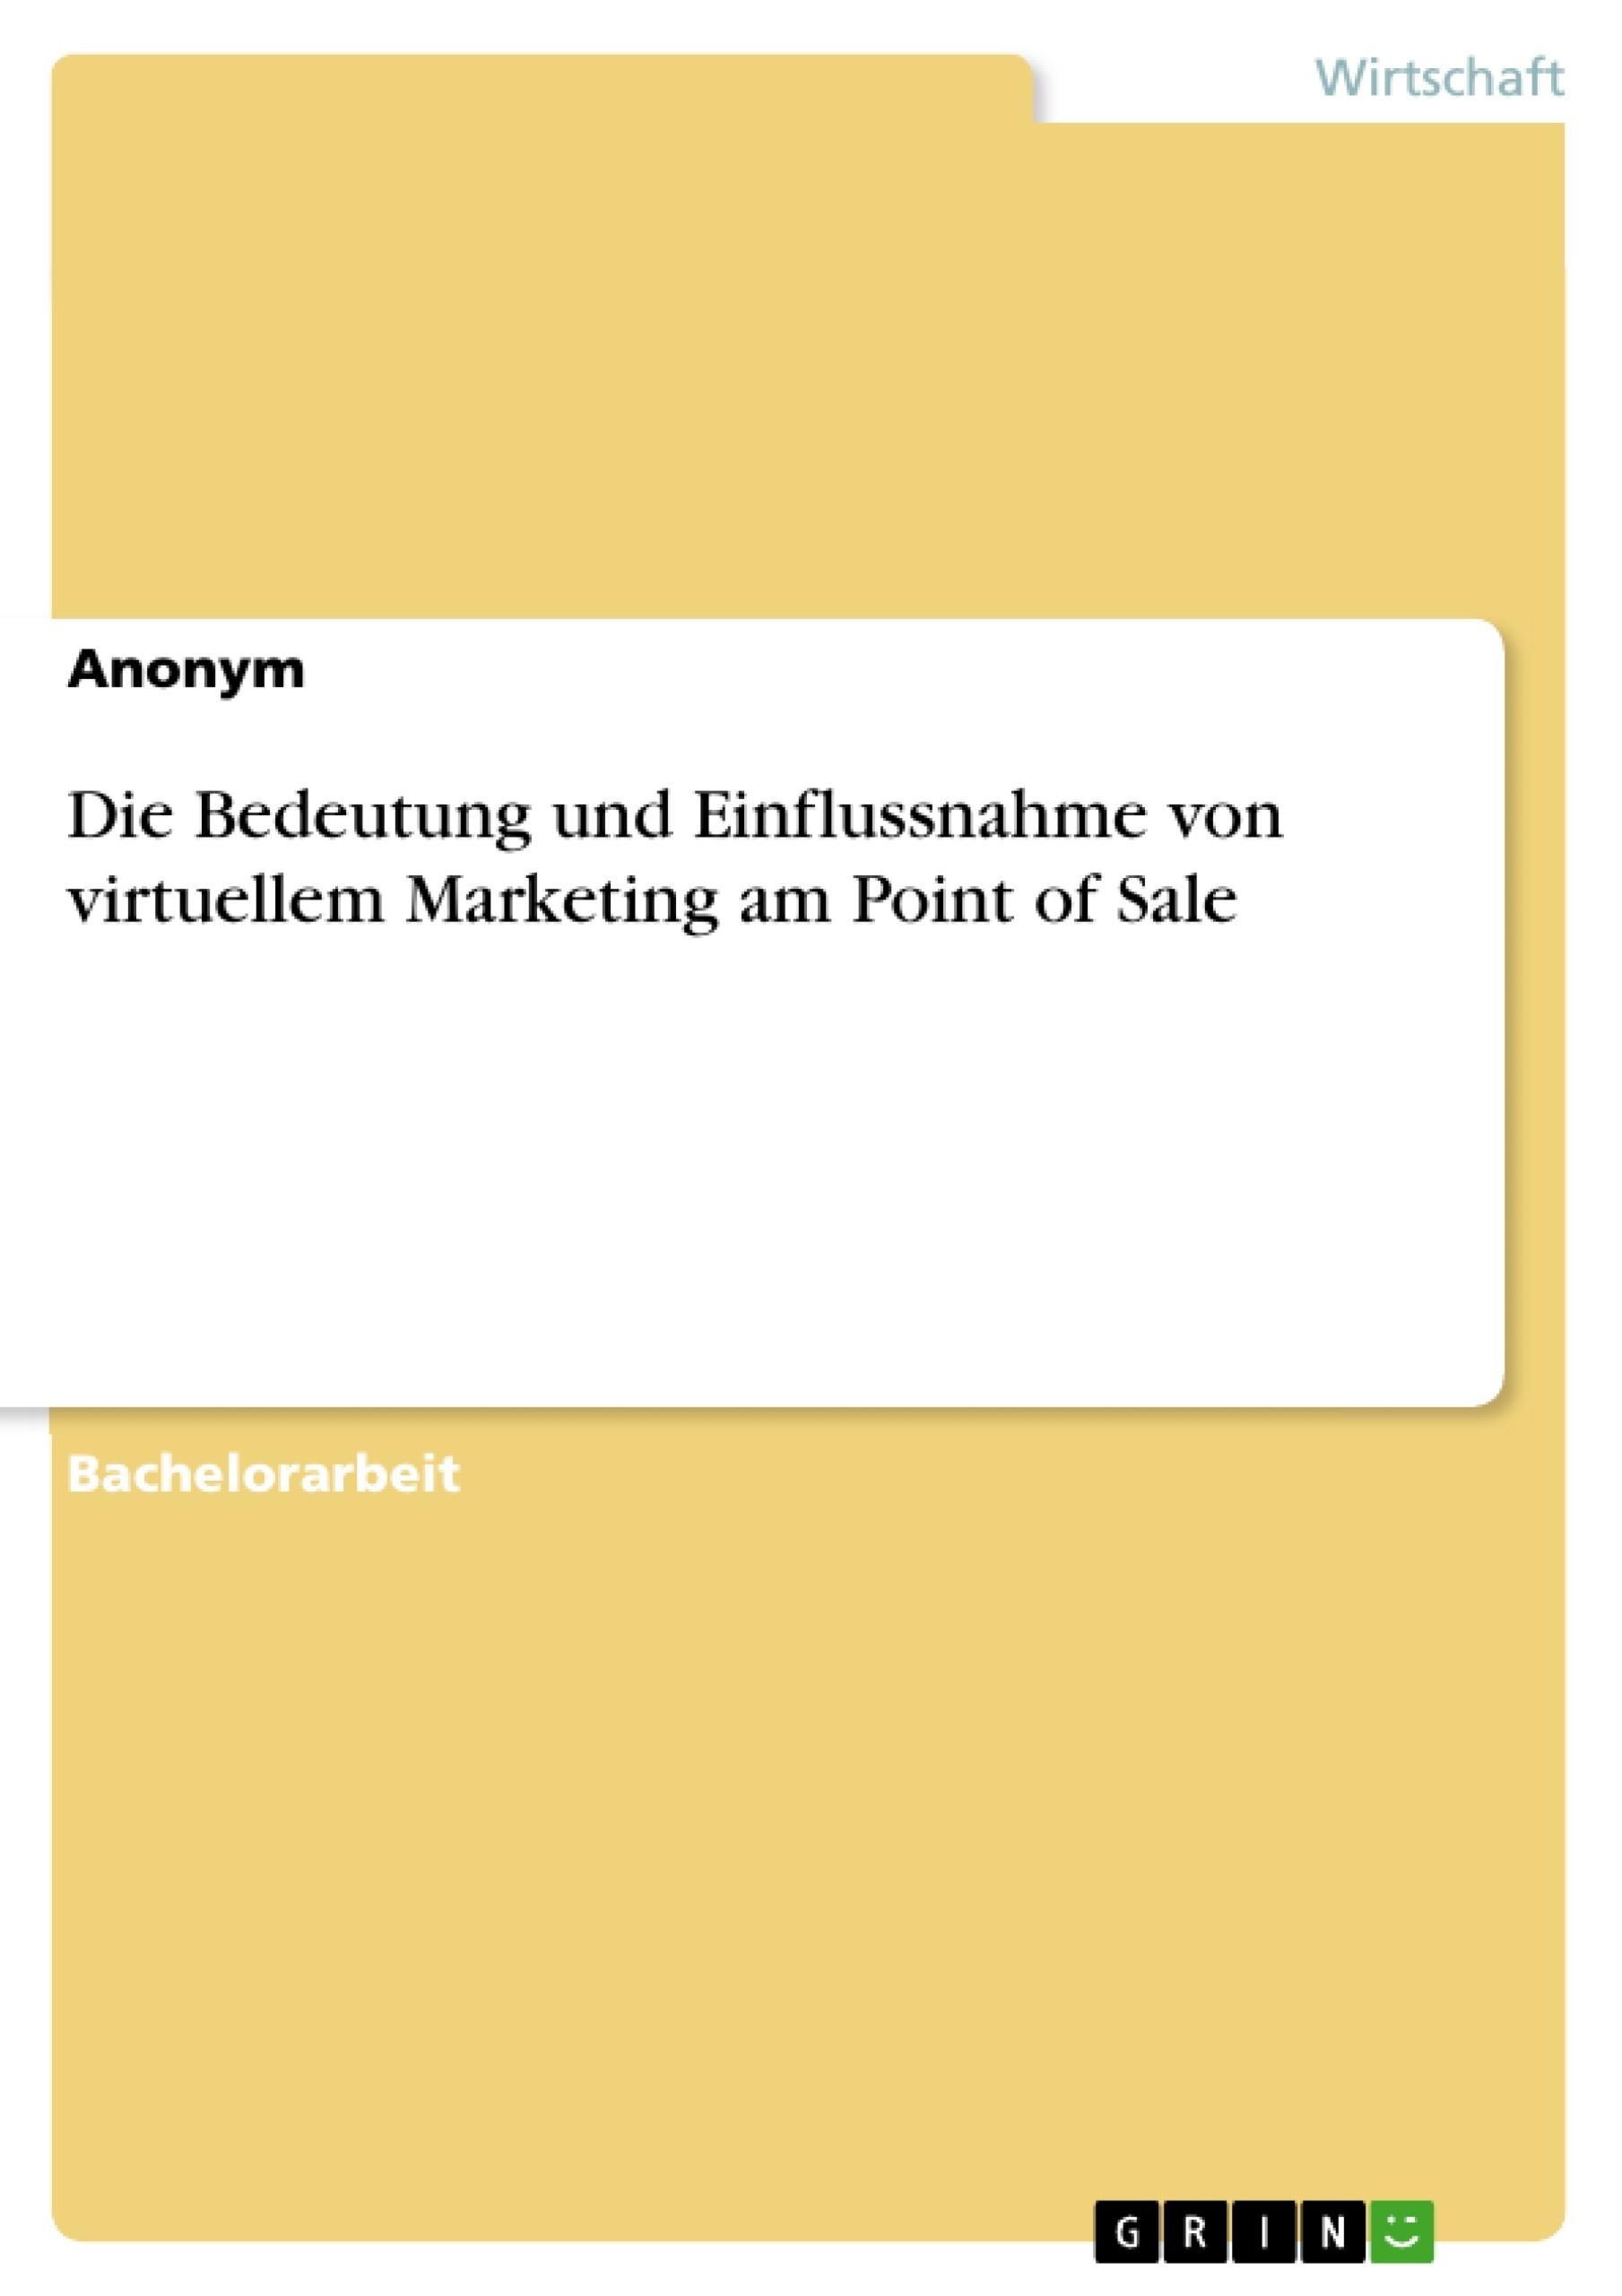 Titel: Die Bedeutung und Einflussnahme von virtuellem Marketing am Point of Sale